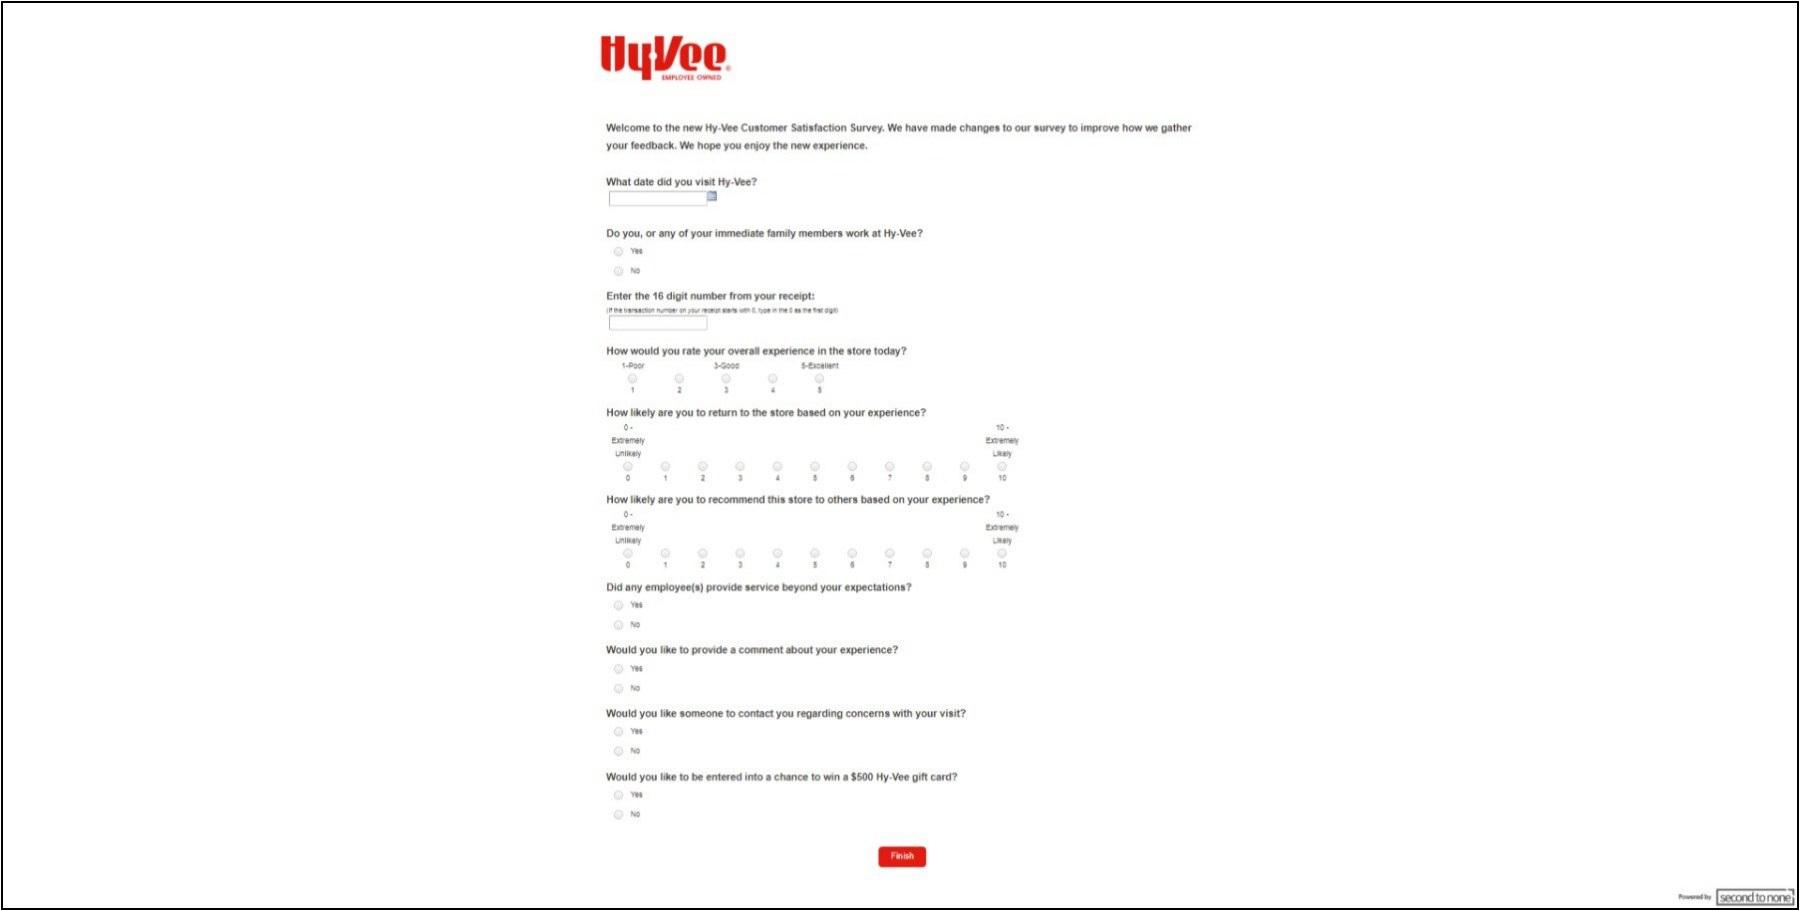 HyVeeSurvey.Second-To-None.com